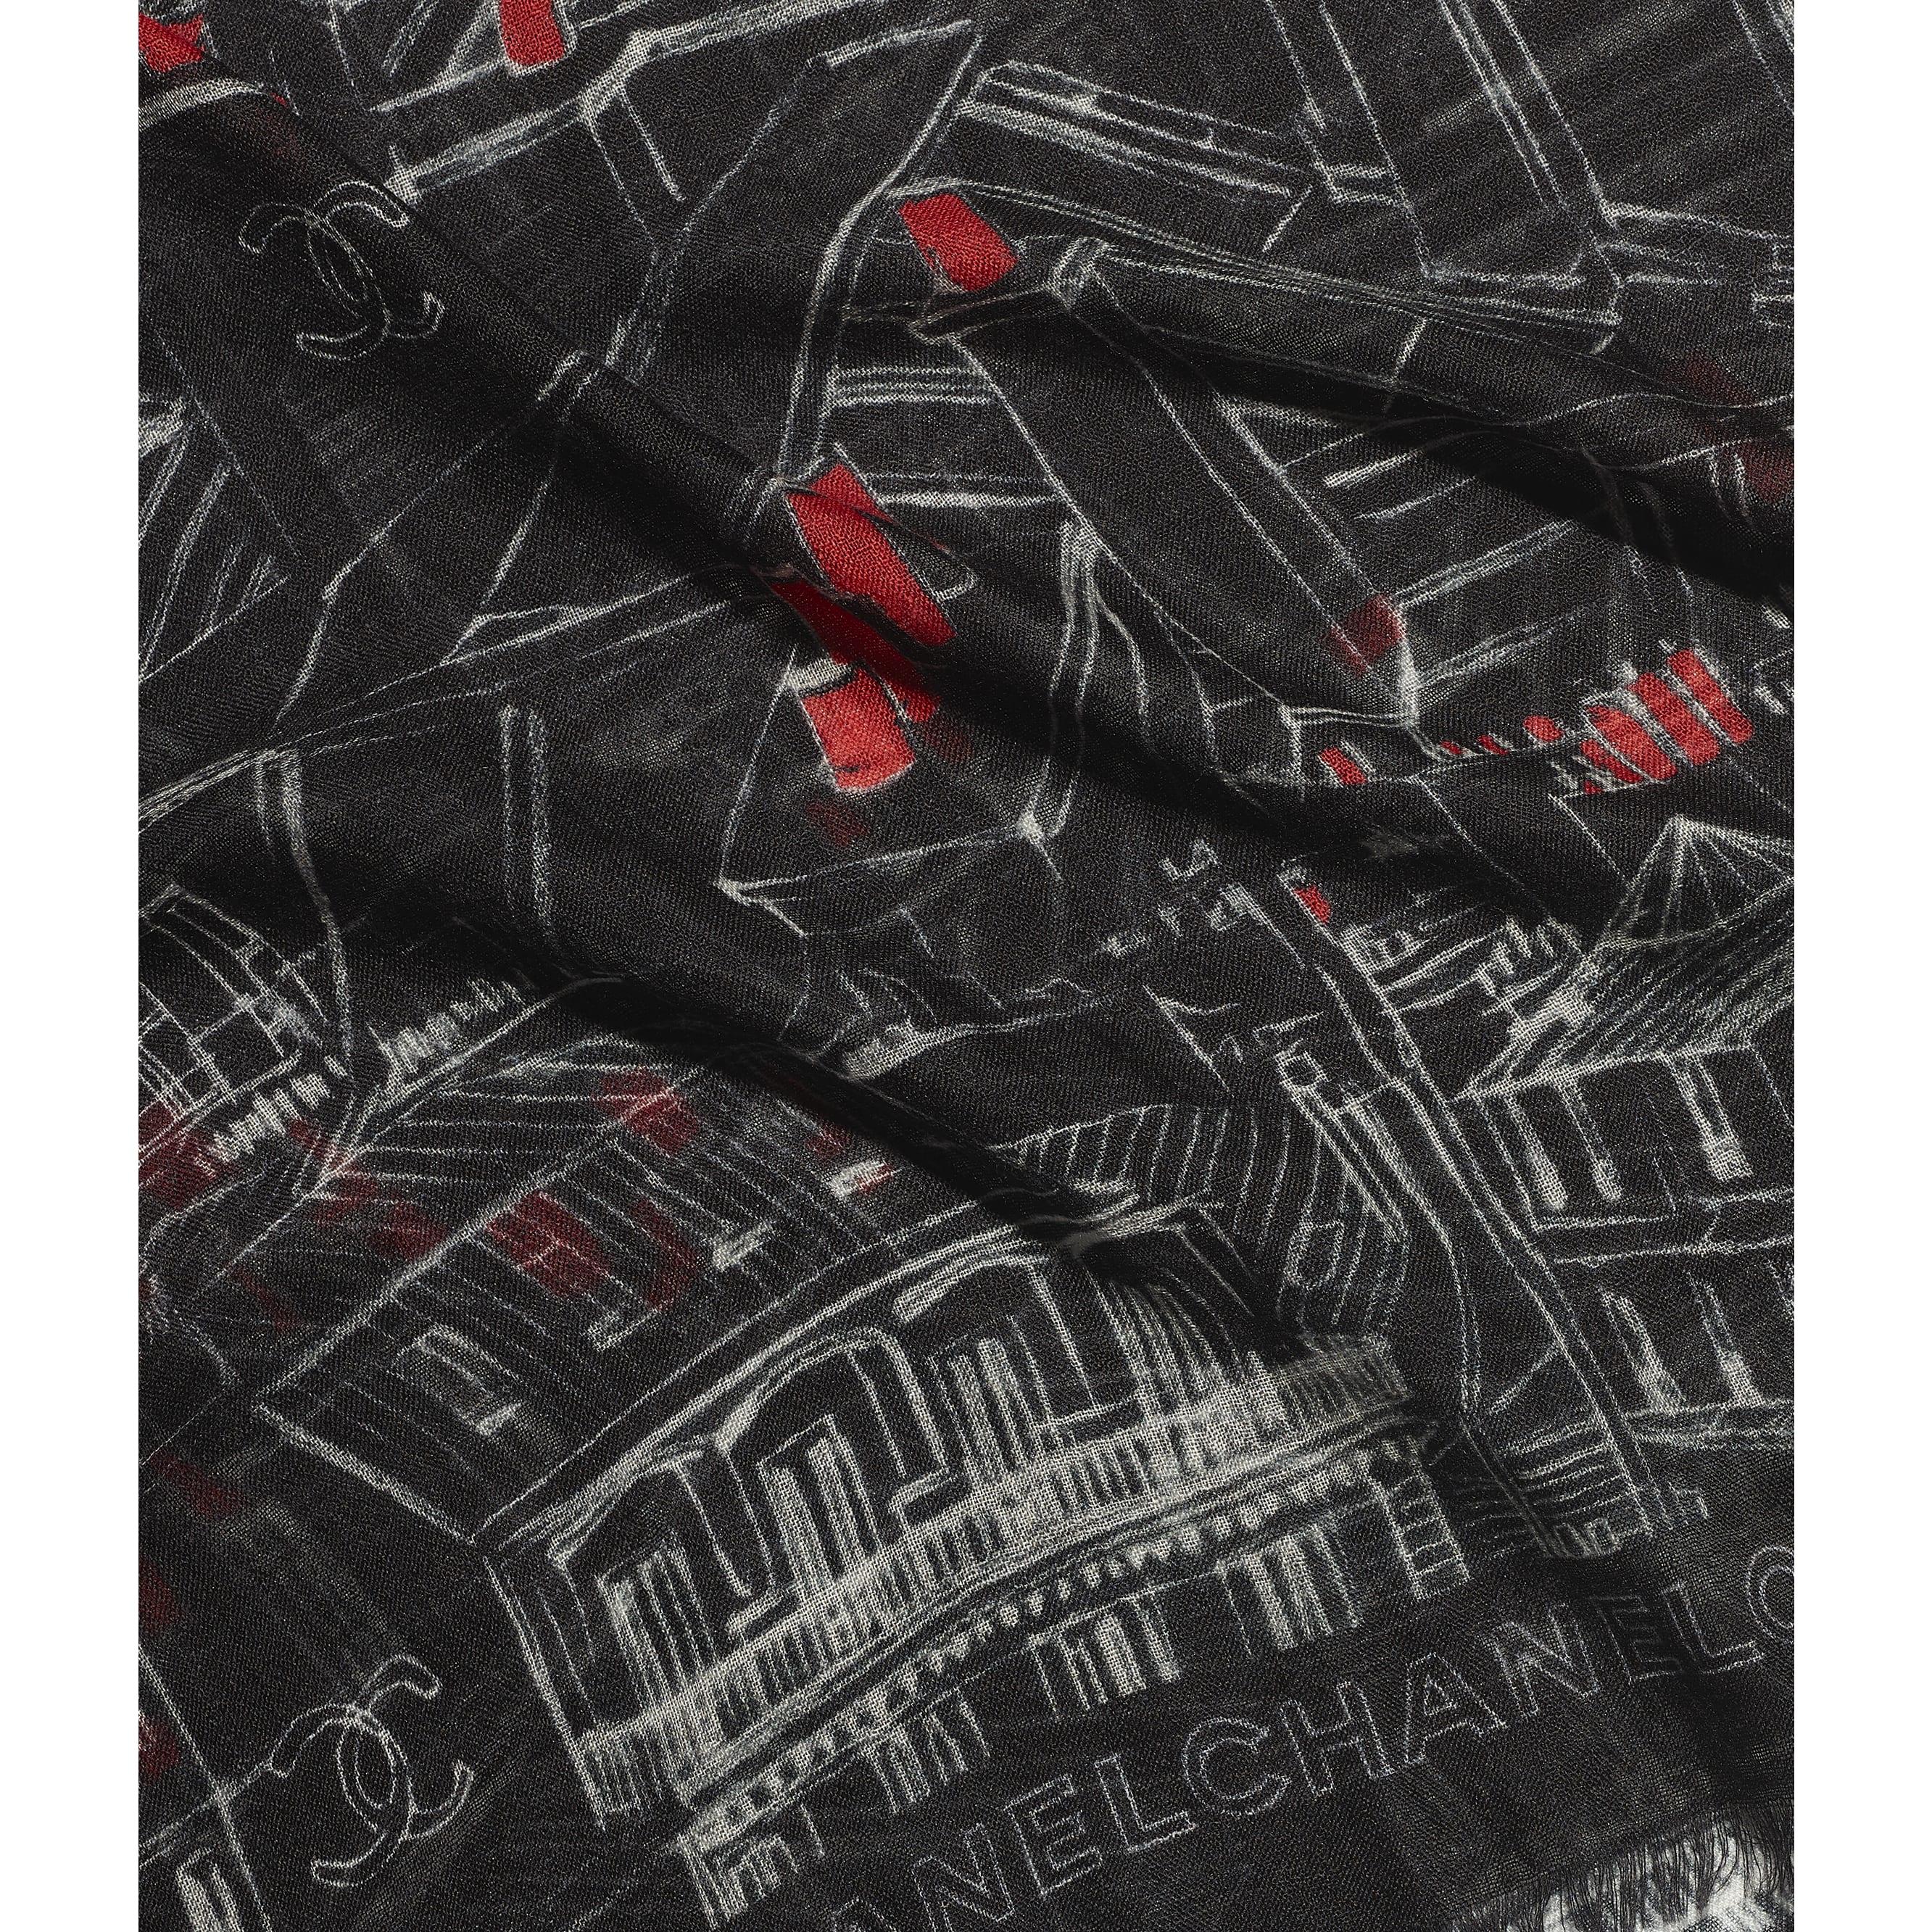 Pañuelo cuadrado - Negro, rojo y blanco - Cachemire - CHANEL - Vista por defecto - ver la versión tamaño estándar